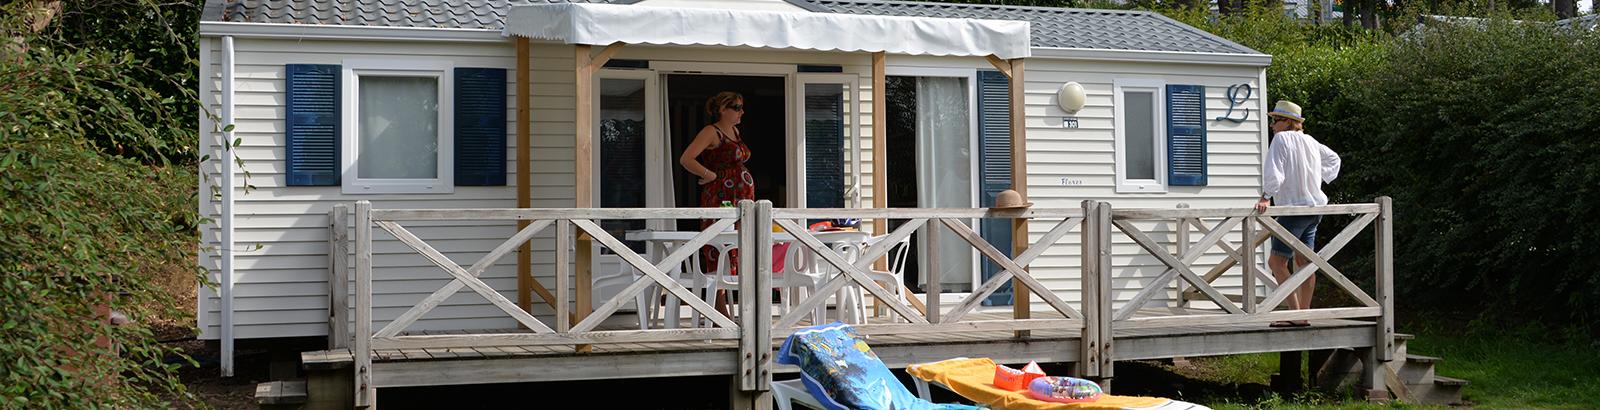 Vacances Family pour 7 personnes en cottage Morbihan